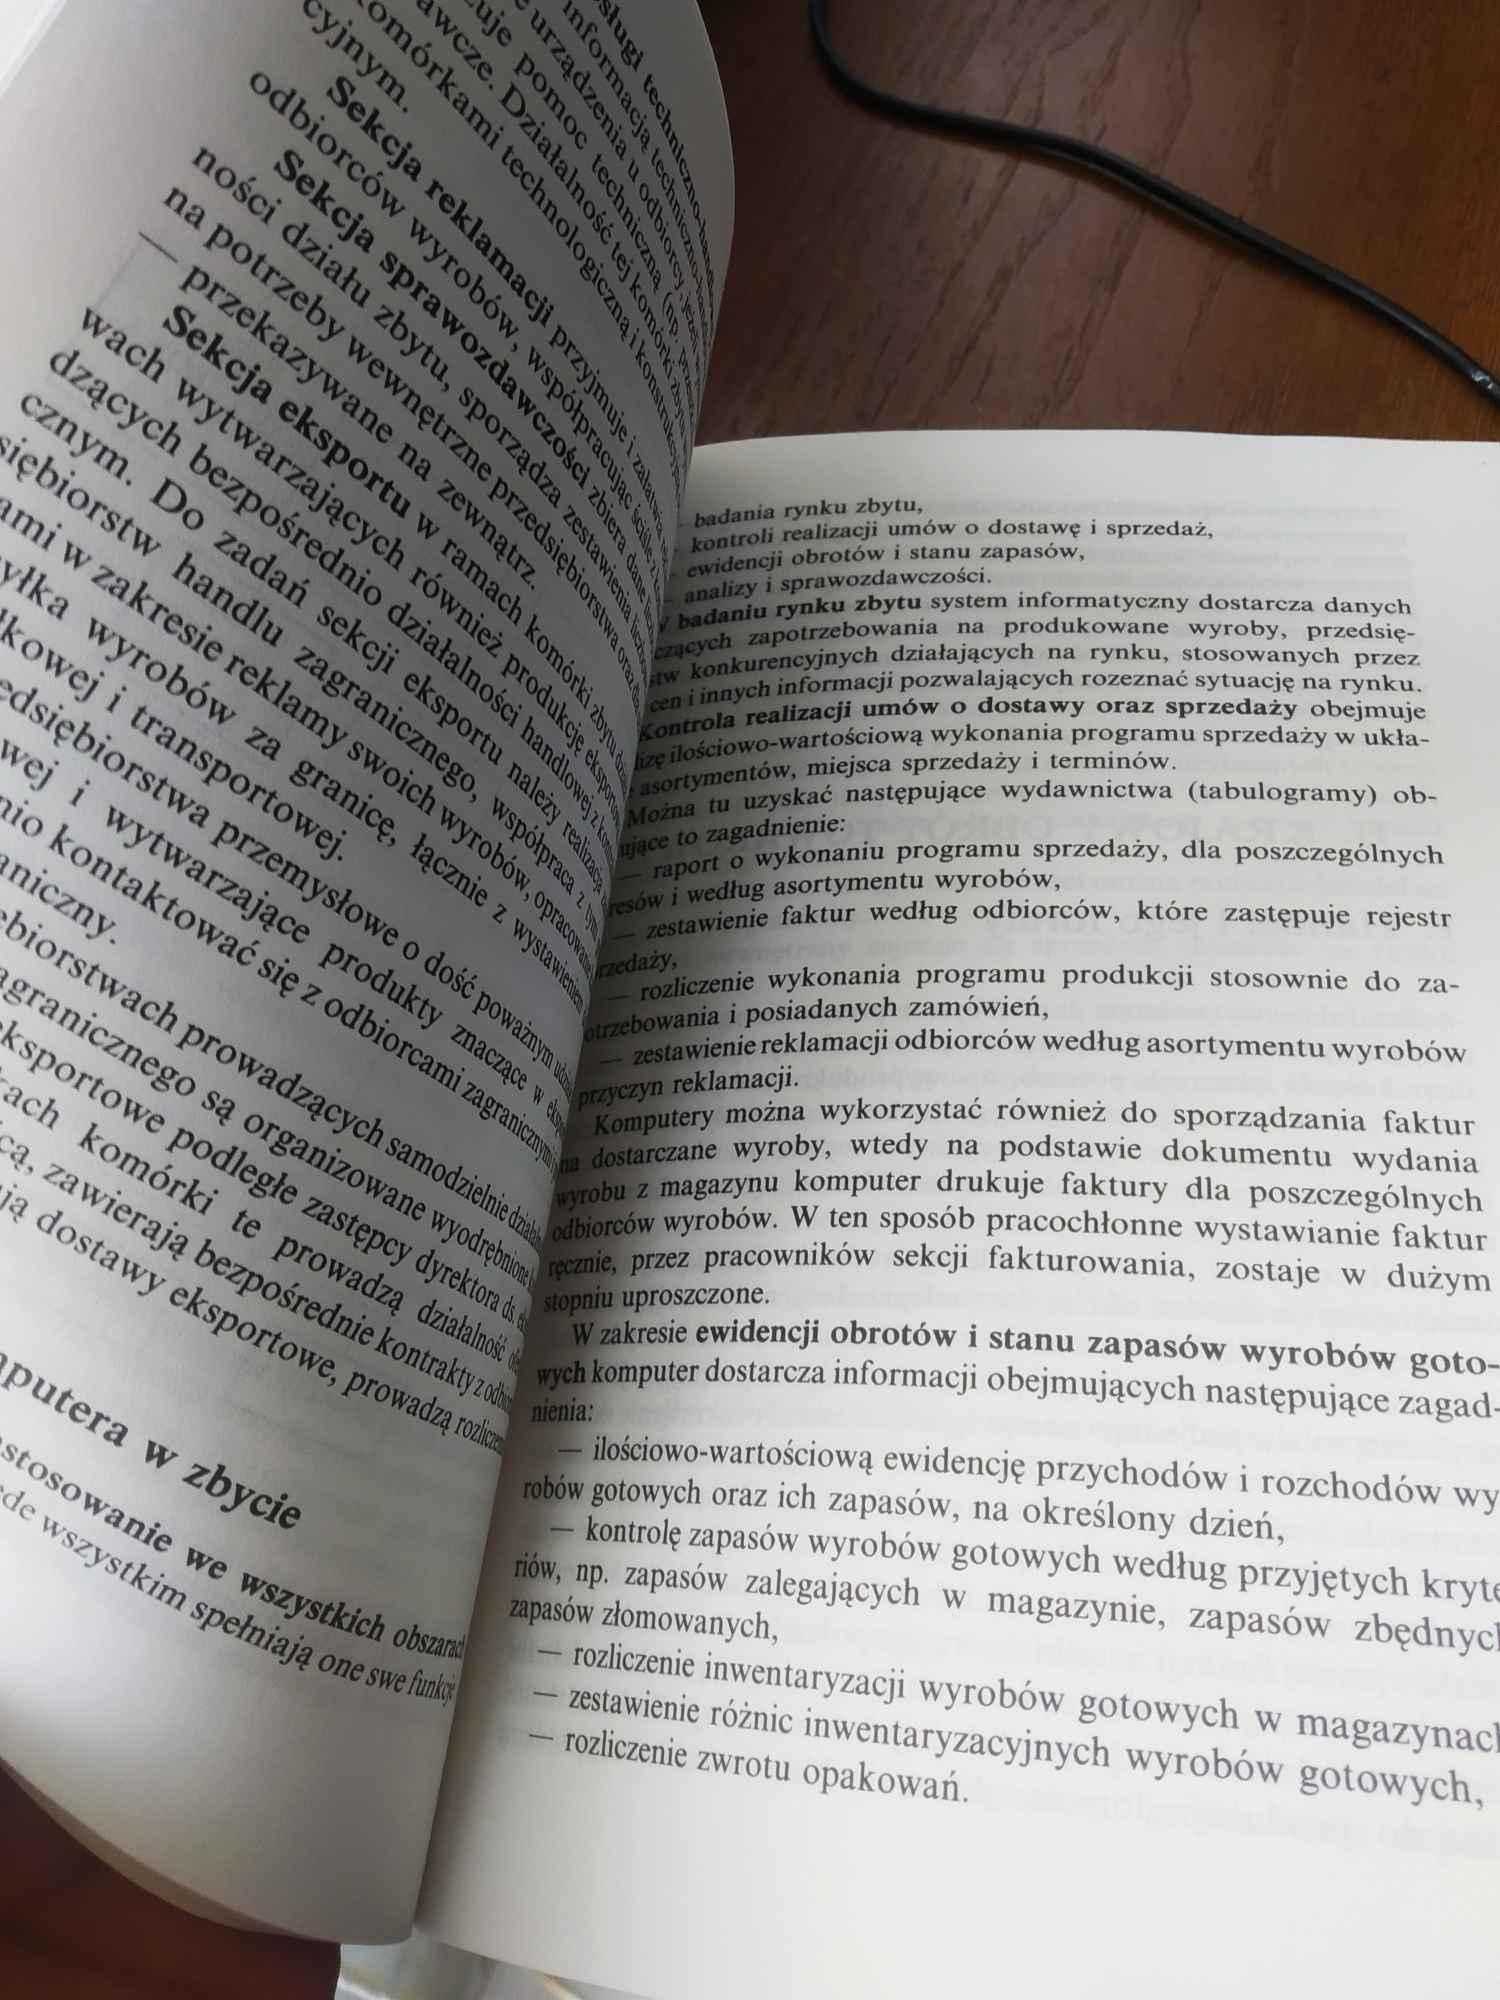 EKONOMIKA I ORGANIZACJA PRZEDSIĘBIORSTW Białołęka - zdjęcie 4